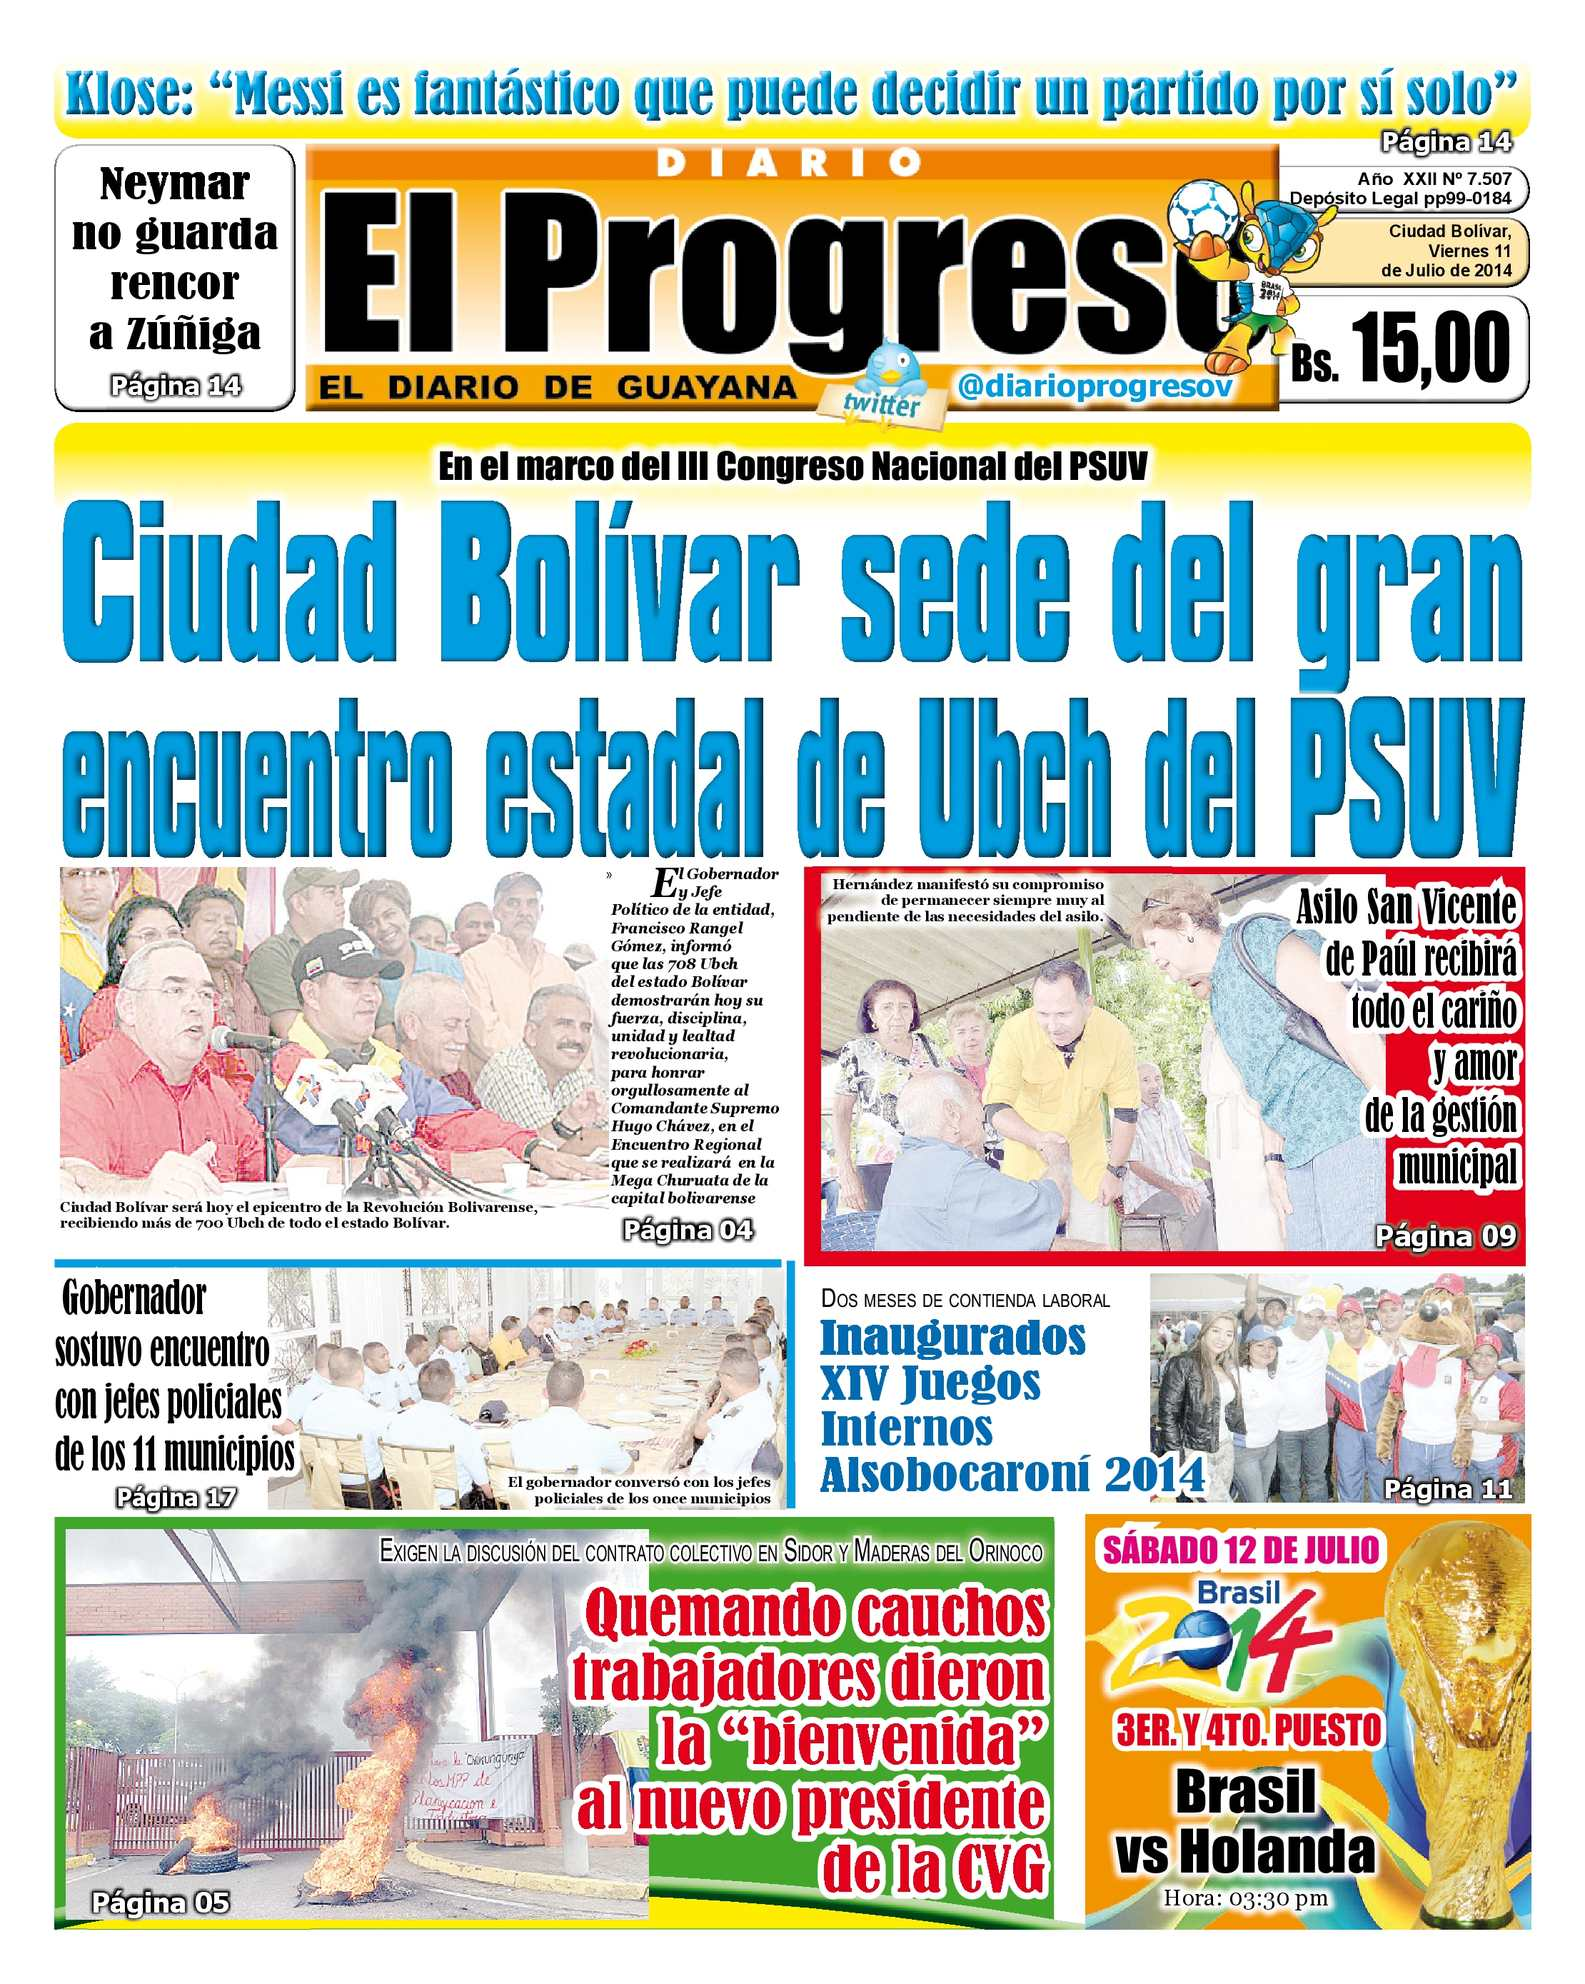 Calaméo - DIARIO EL PROGRESO EDICIÓN DIGITAL 11-07-2014